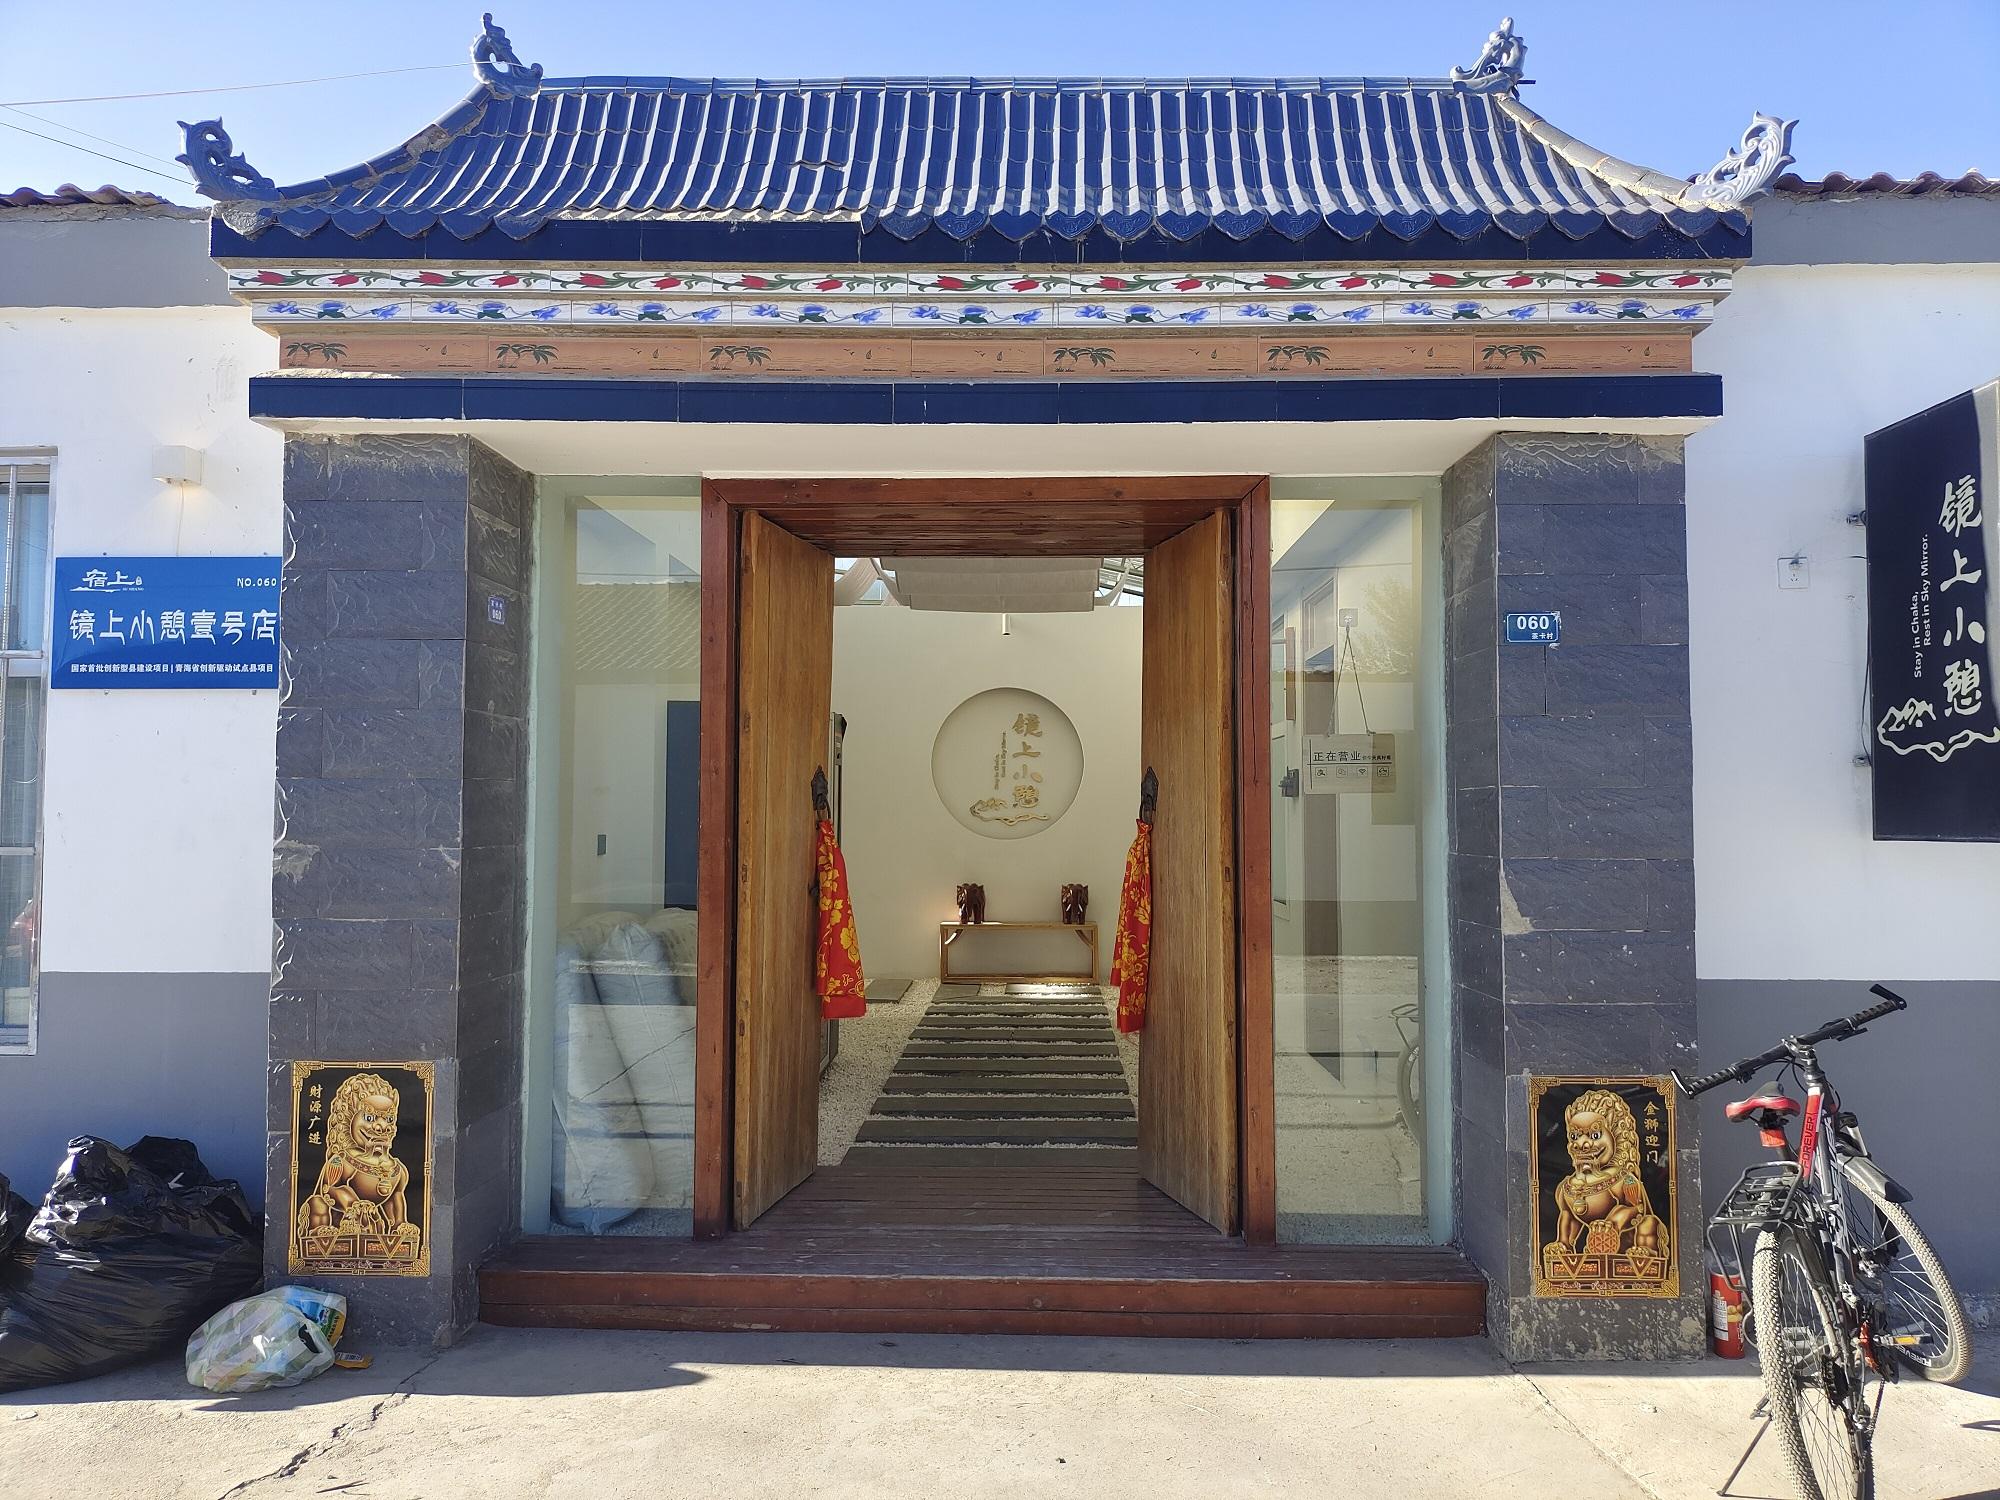 青海省乌兰县智慧示范民宿镜上小憩成功上线容易住自助入住系统